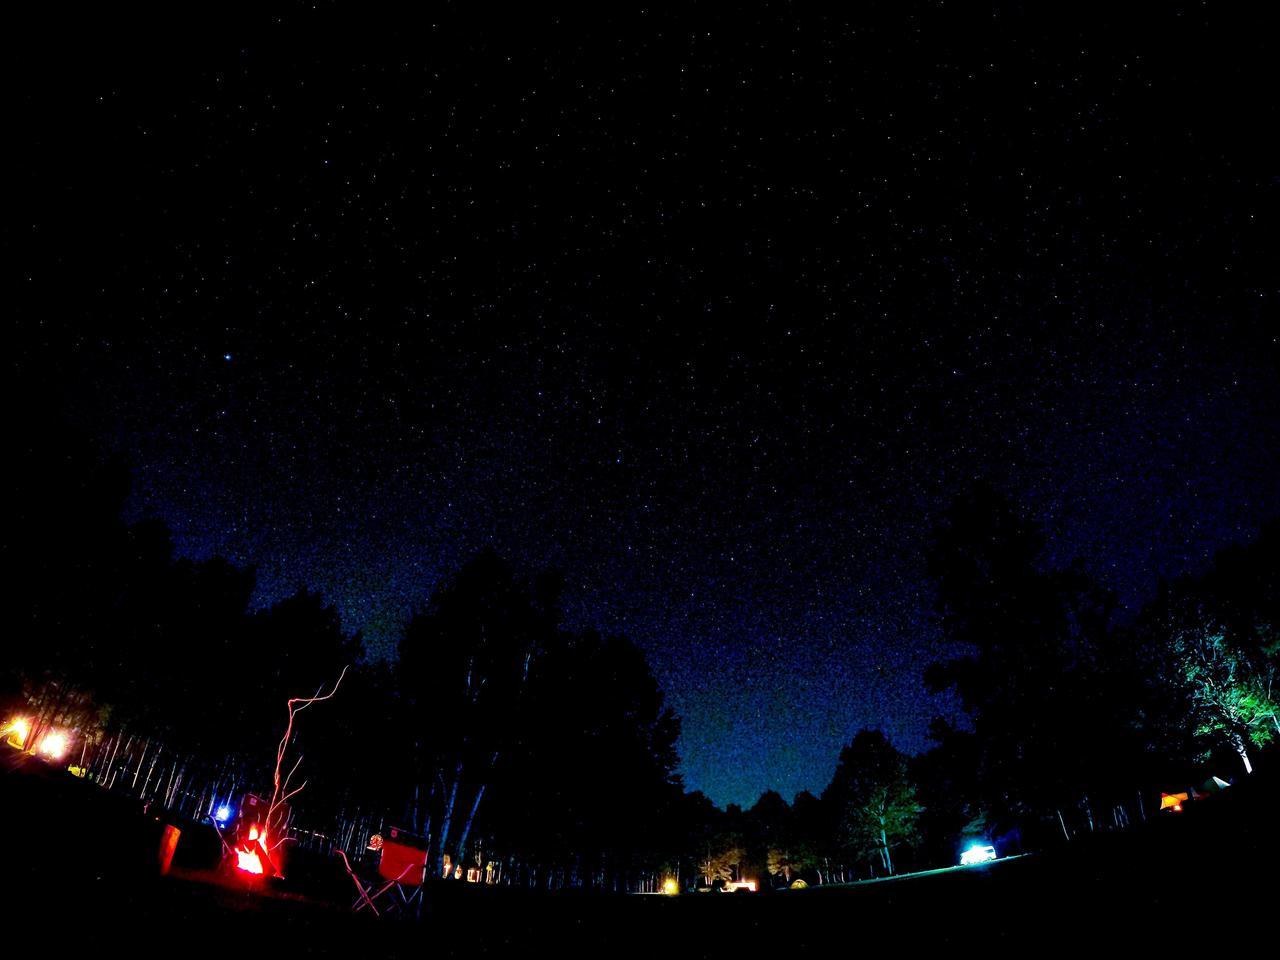 画像2: 一日中リフレッシュ。大自然と星空を満喫できるリゾートネイチャースポット